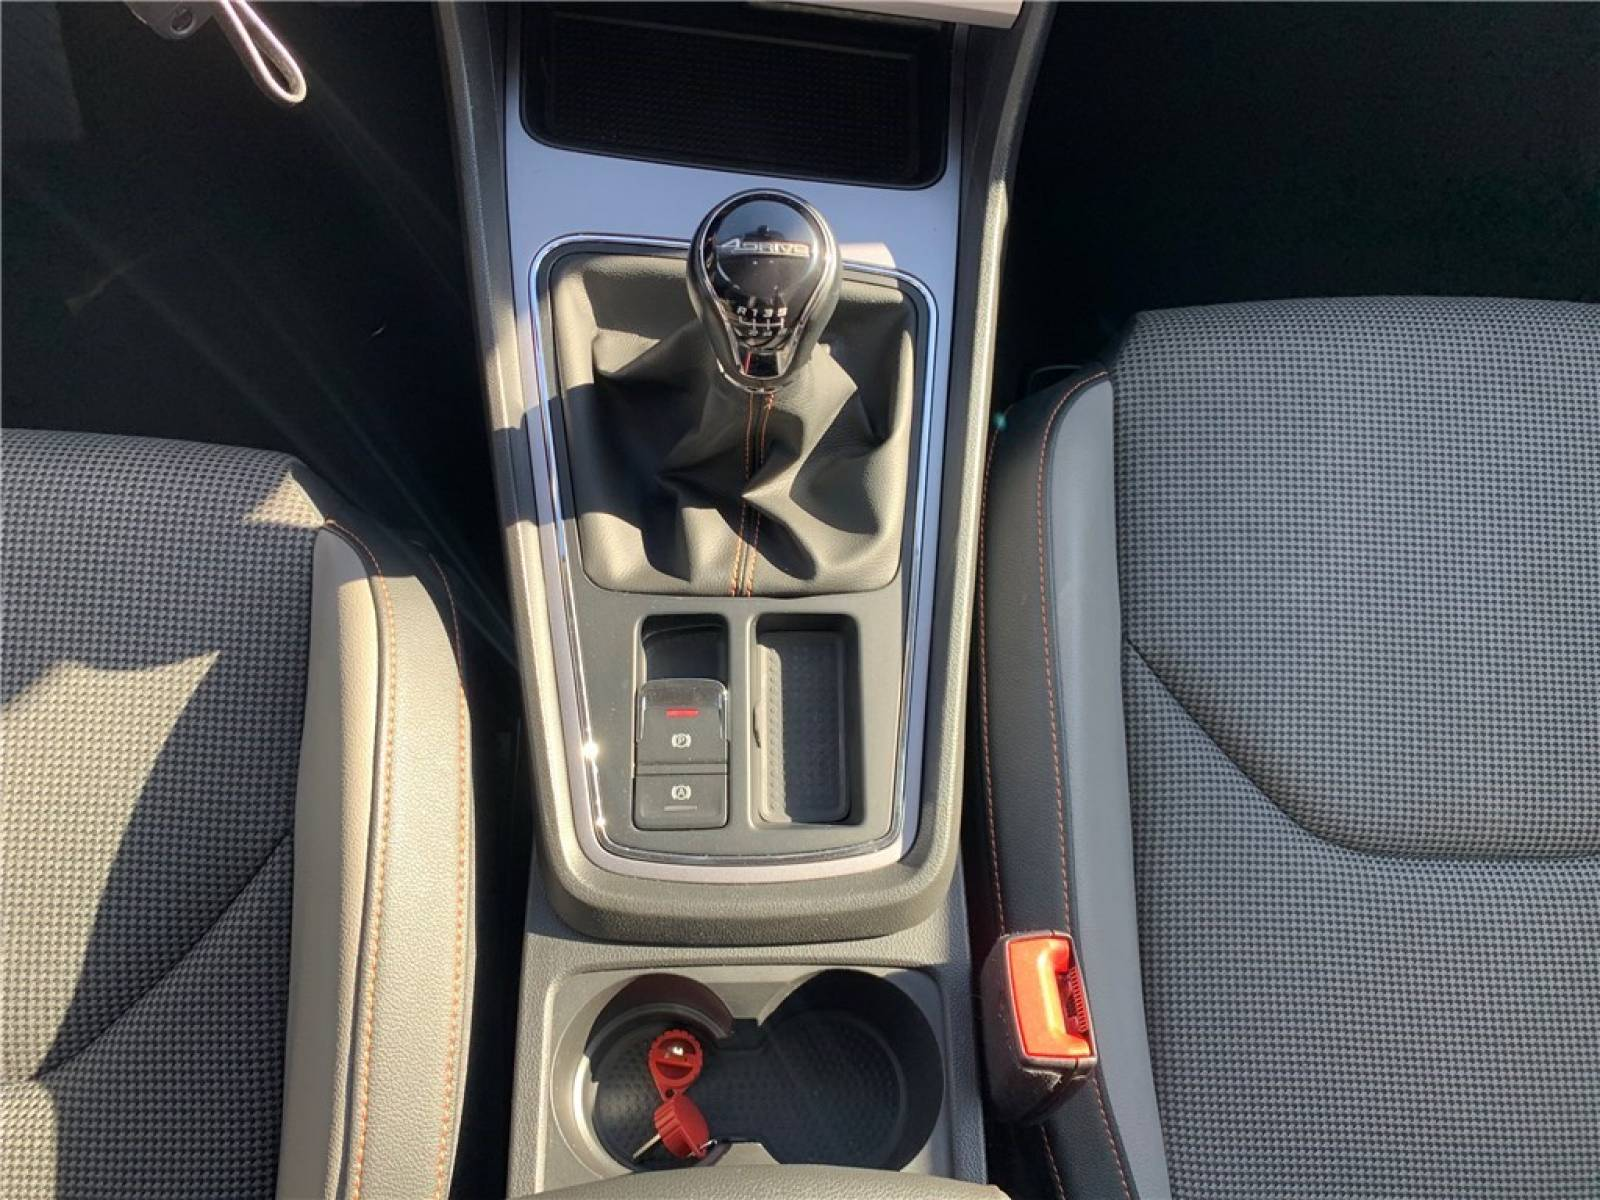 SEAT Leon X-Perience 2.0 TDI S/S 150 ch 4Drive - véhicule d'occasion - Groupe Guillet - Opel Magicauto - Montceau-les-Mines - 71300 - Montceau-les-Mines - 22